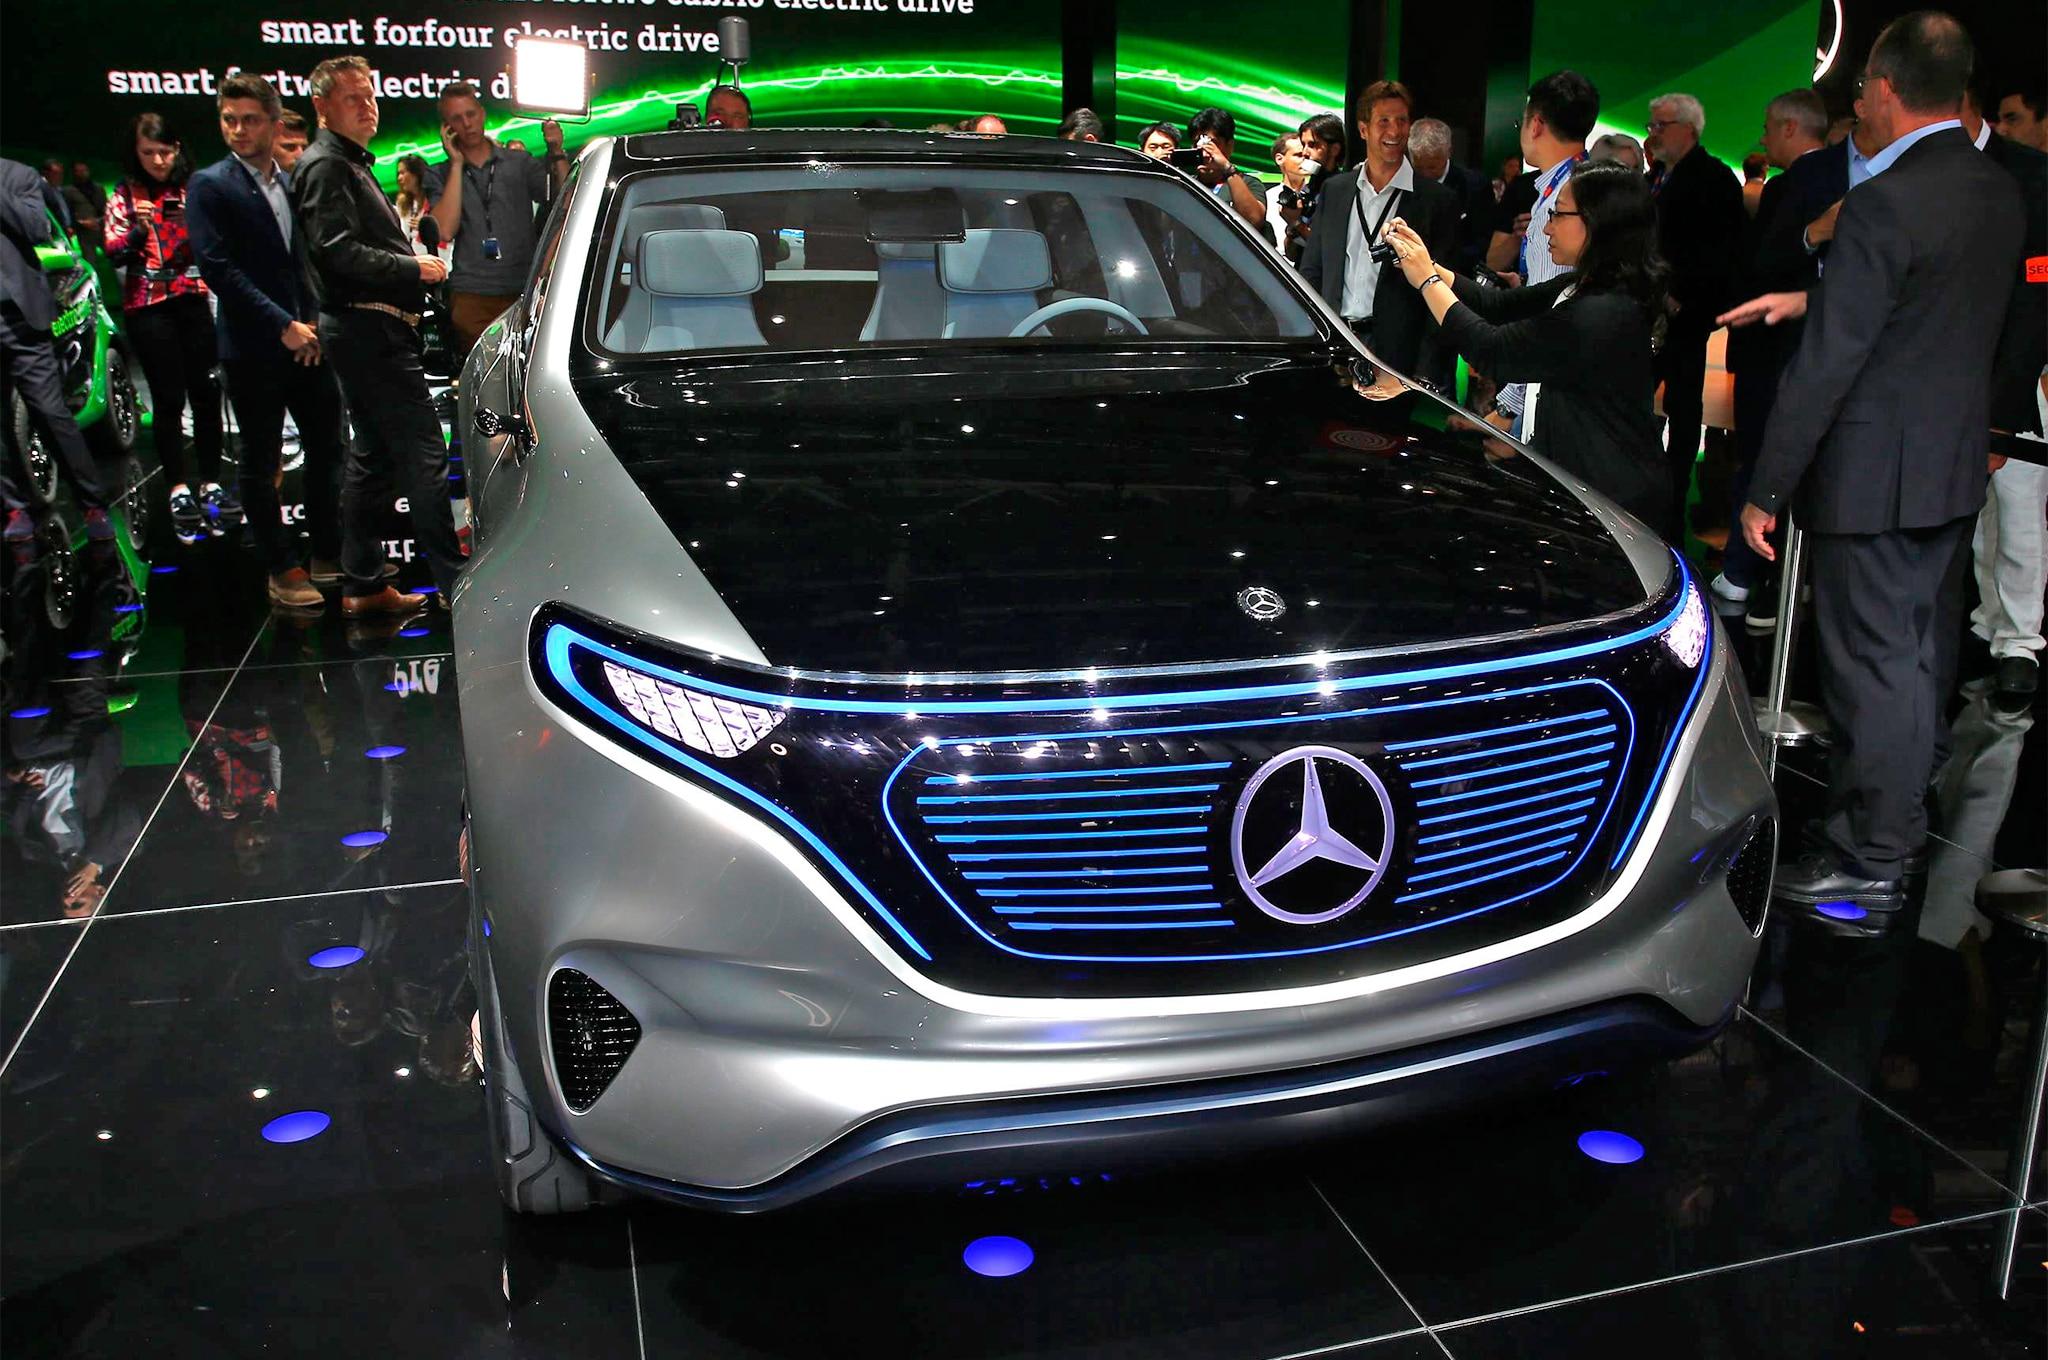 Mercedes benz reveals electric generation eq concept suv for Mercedes benz concept eq